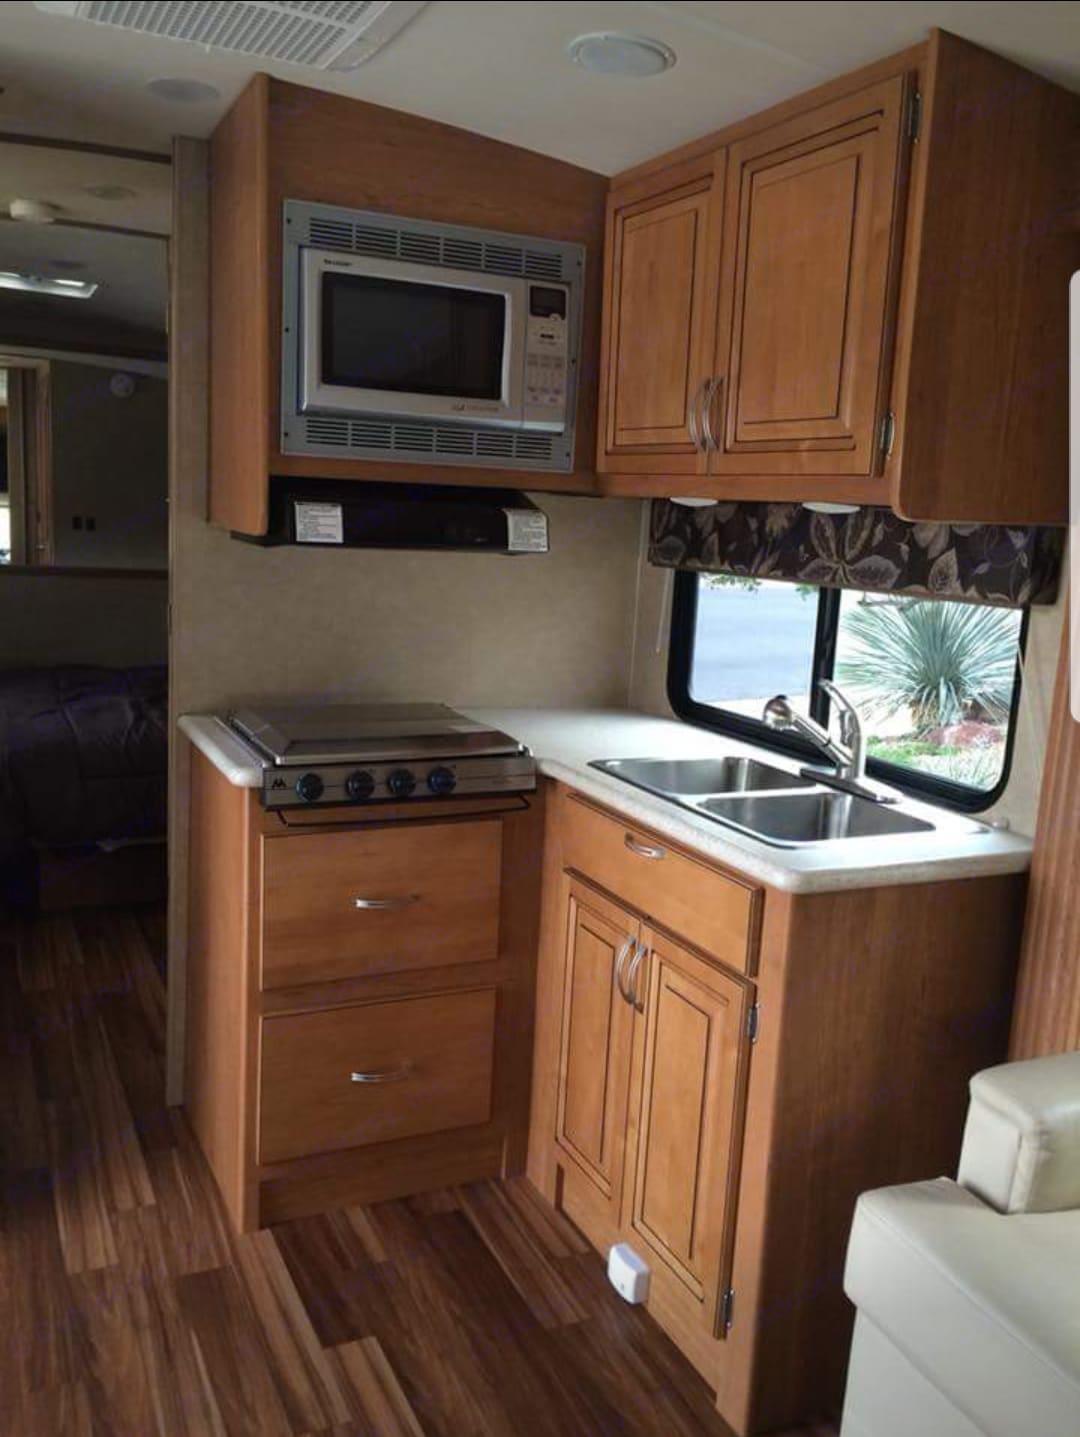 Kitchen. Holiday Rambler Augusta 2013